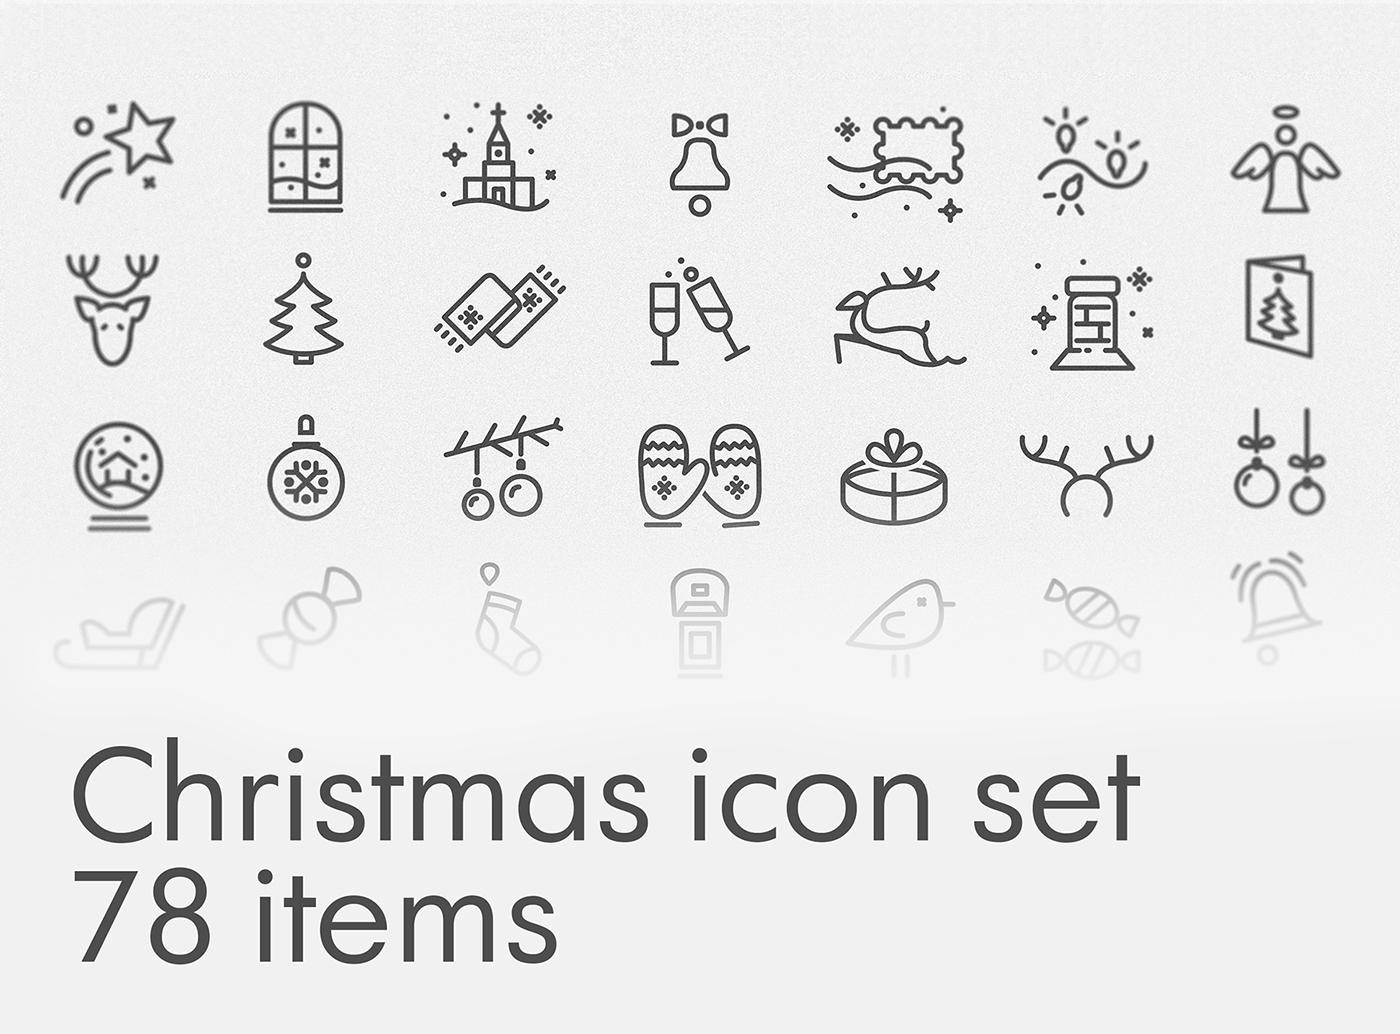 Free Christmas icon set